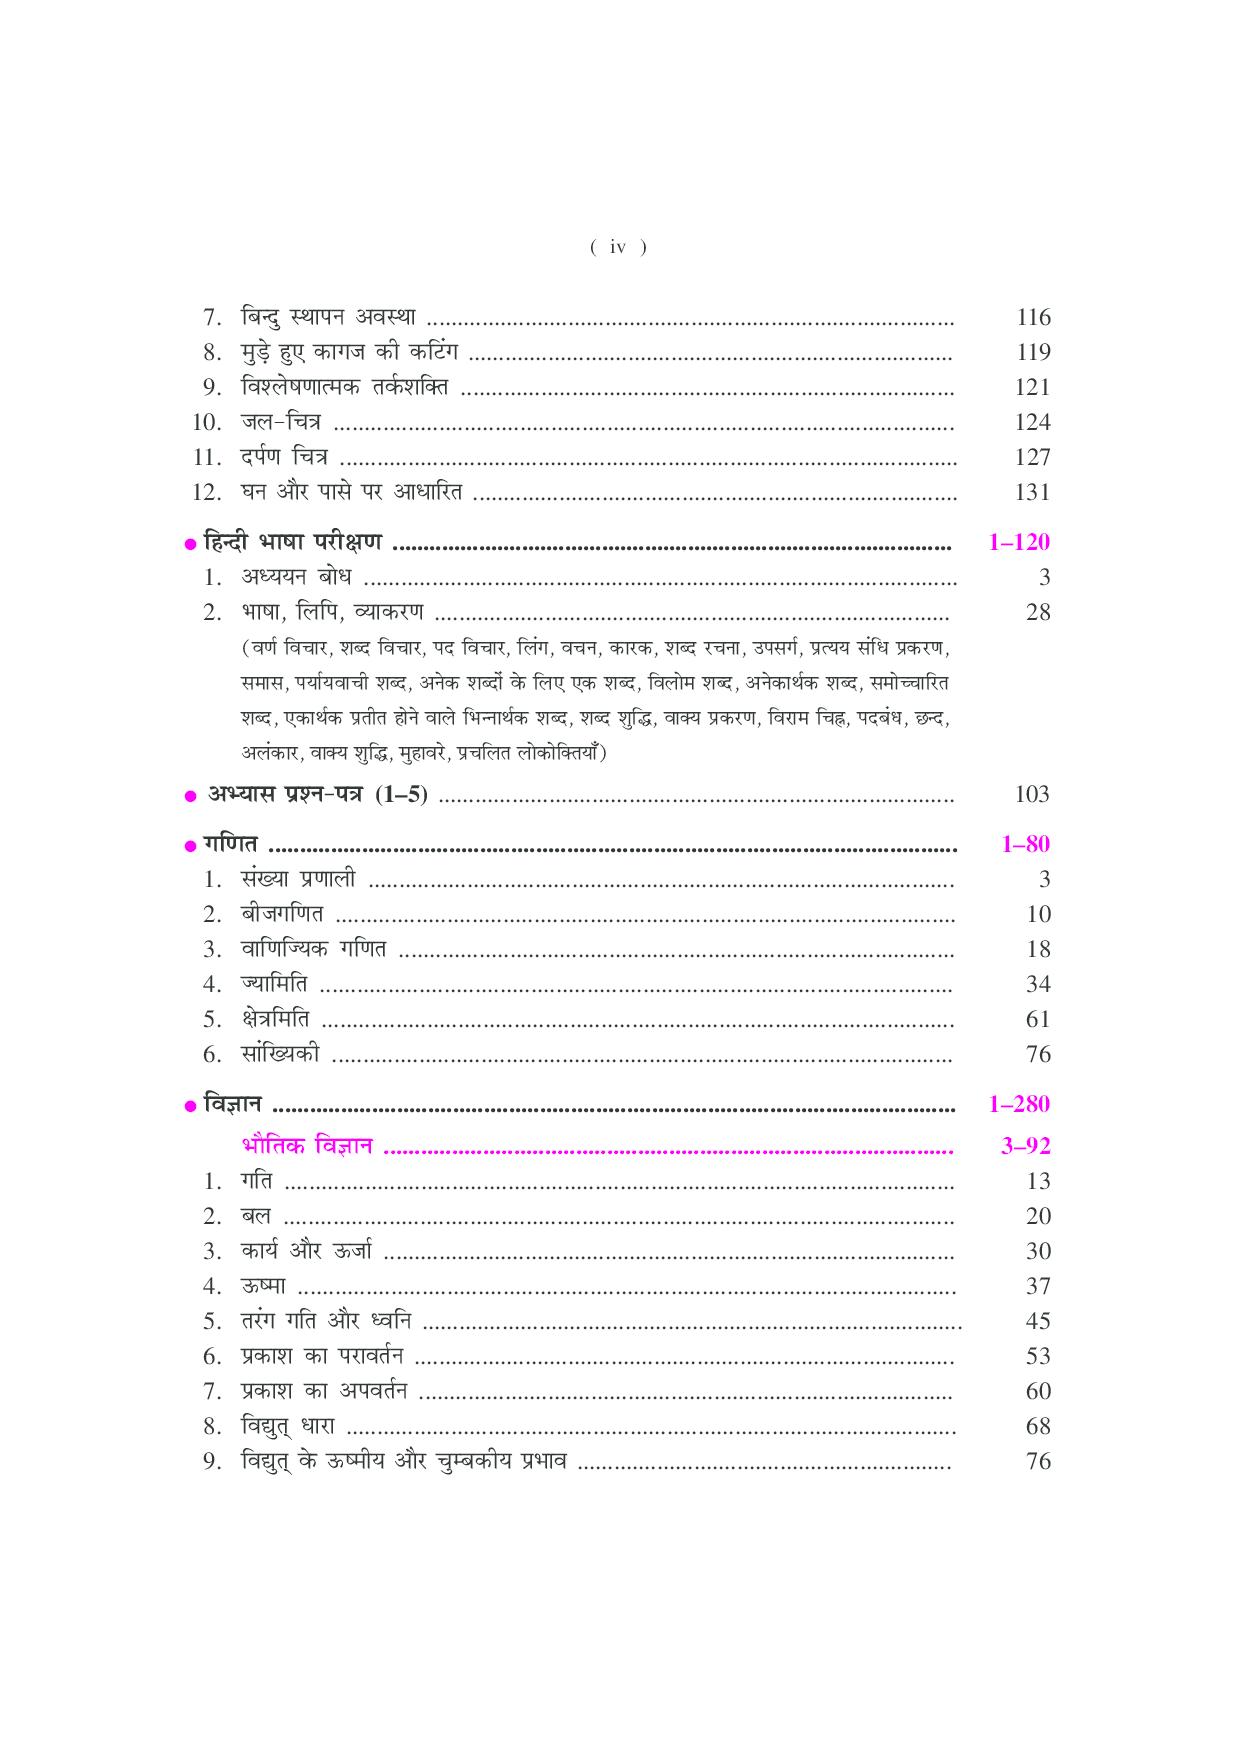 नई नेशनल टैलेंट सर्च एग्जाम (Class X) - Page 5